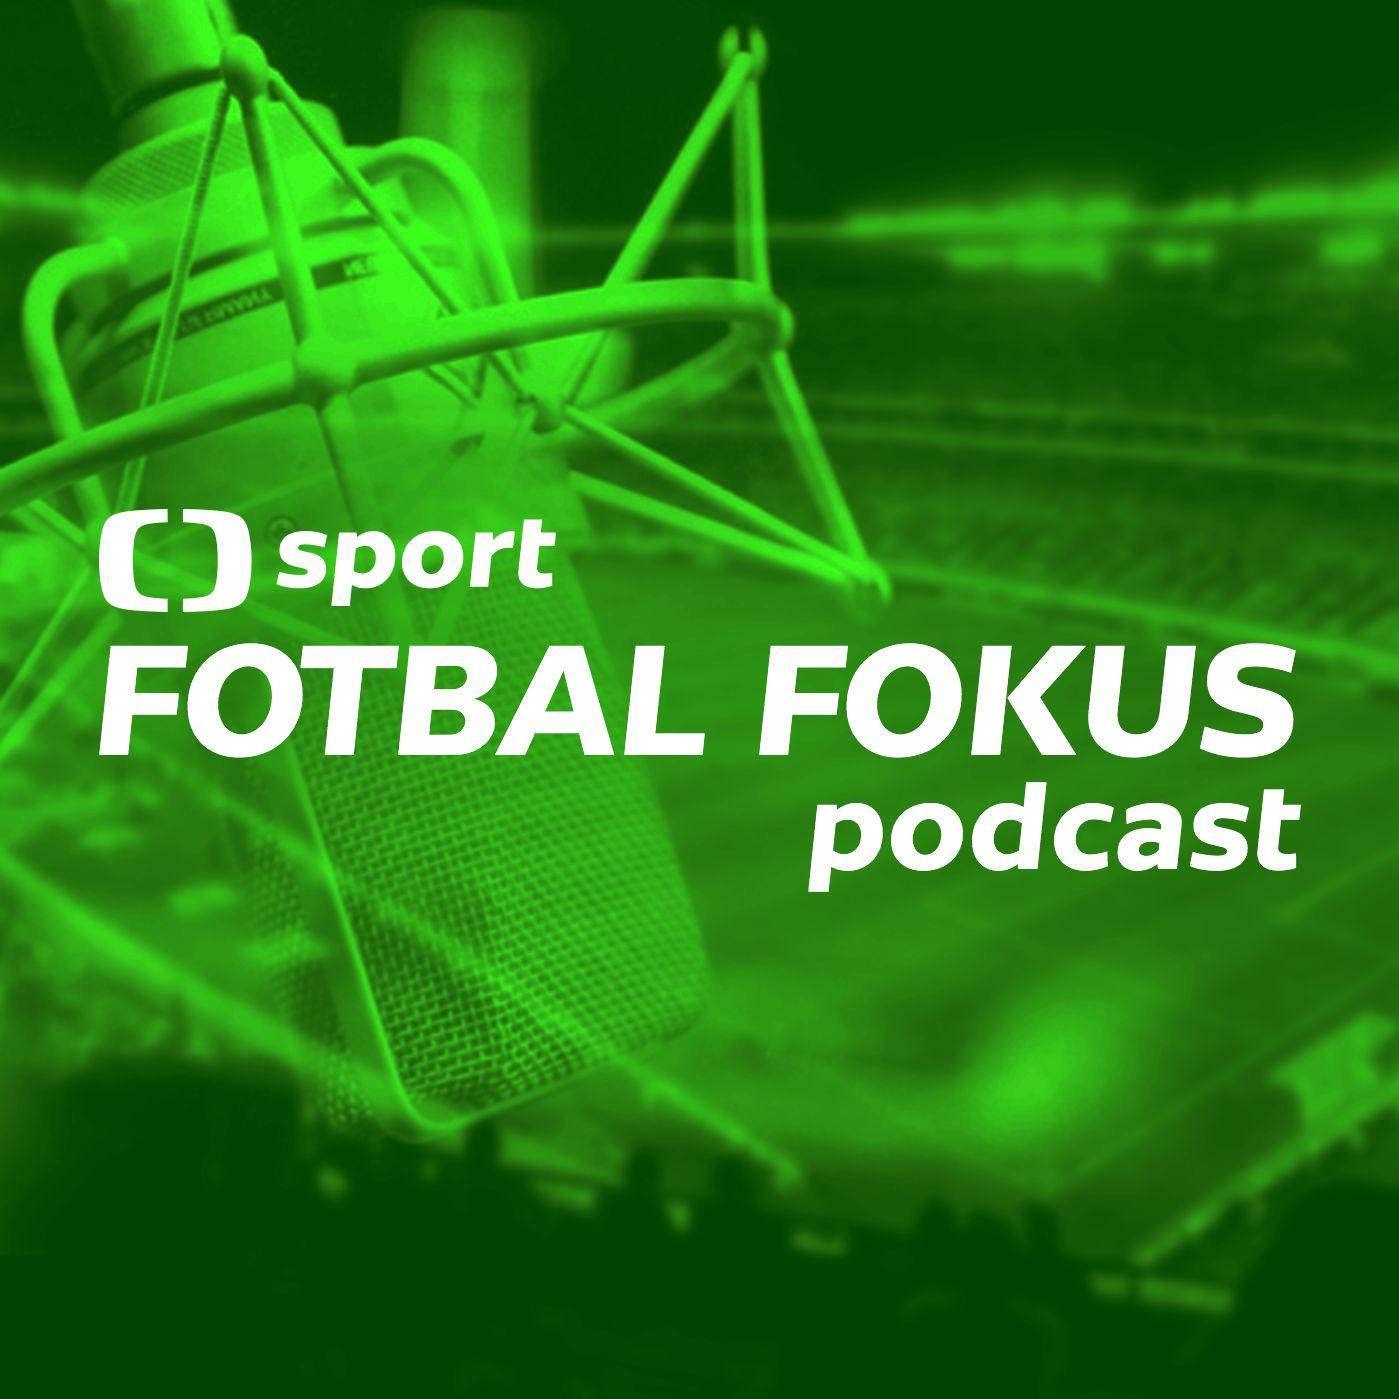 Fotbal fokus podcast: Jaké šance mají Plzeň, Slavia a Jablonec v evropských pohárech?